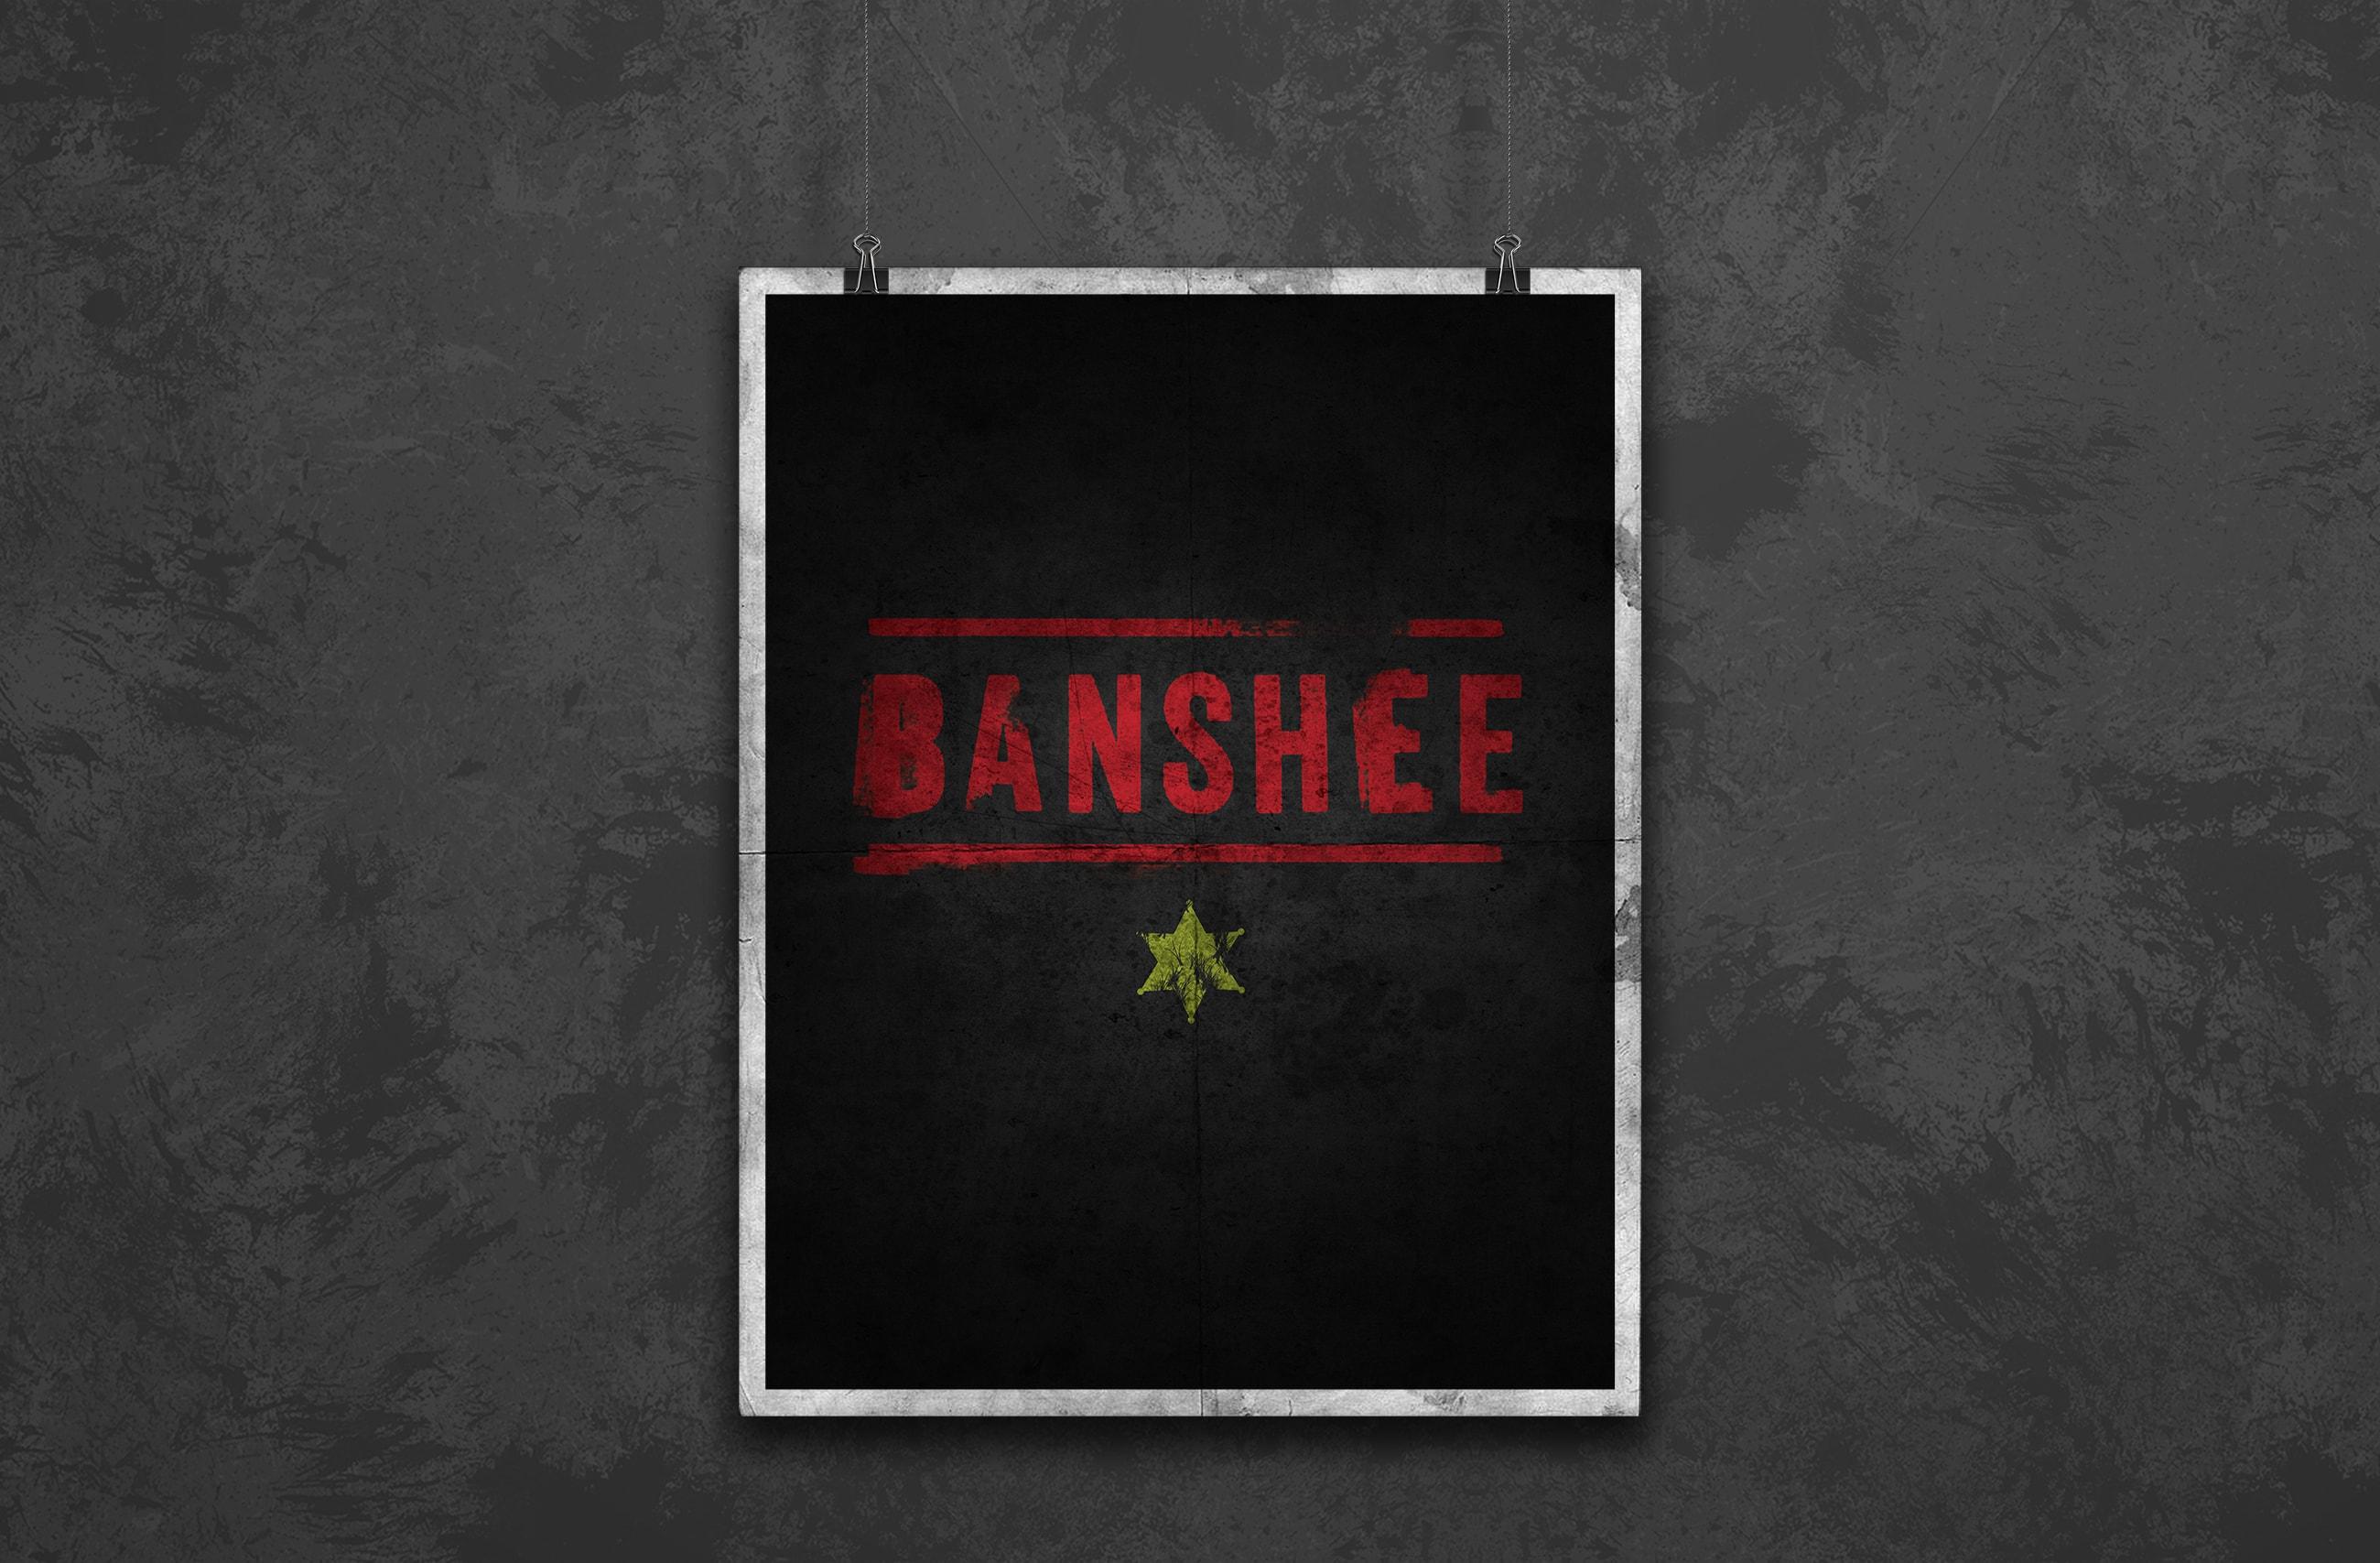 banshee minimal poster design